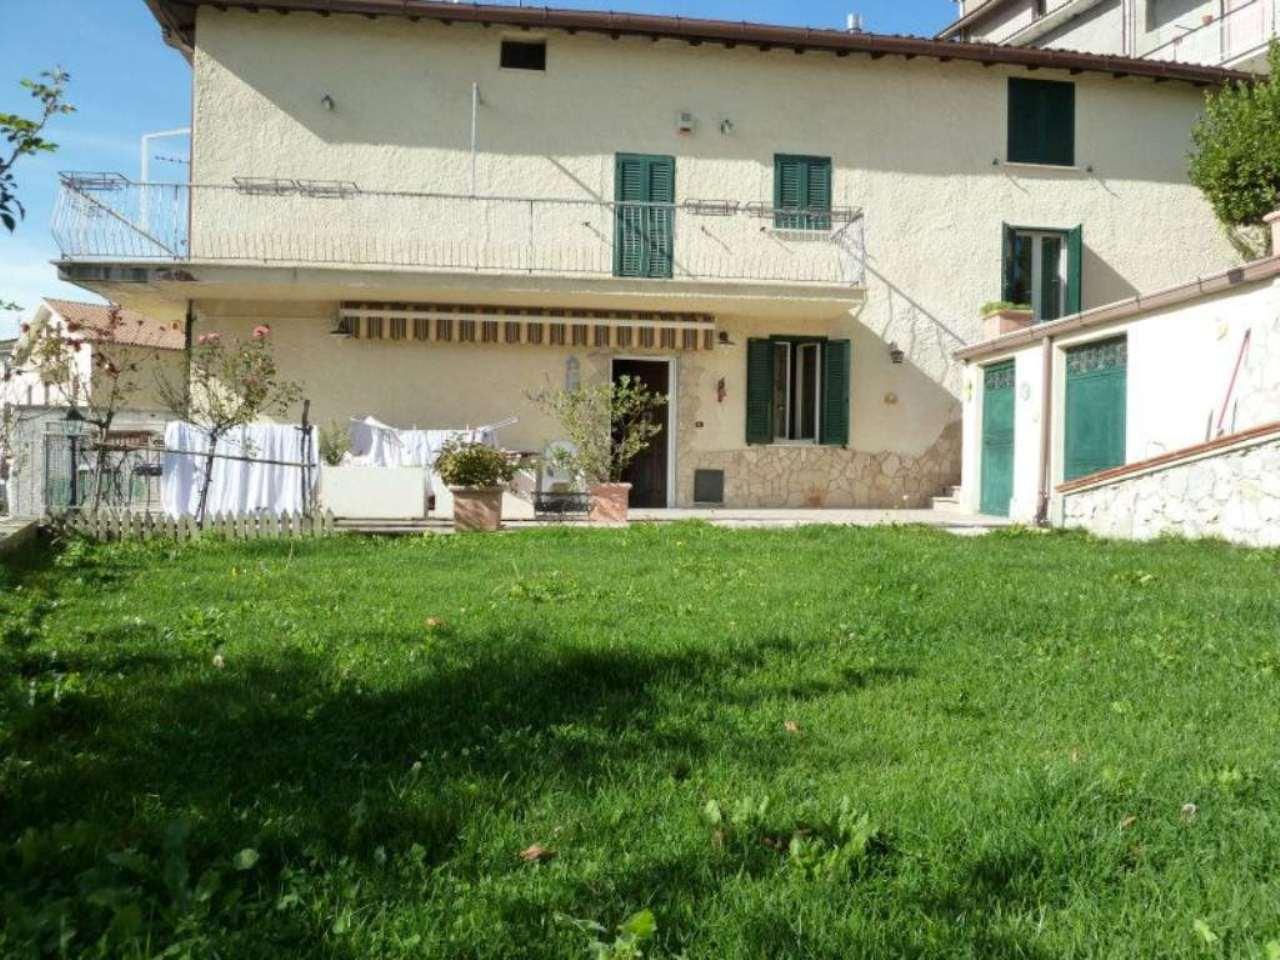 Soluzione Indipendente in vendita a Nespolo, 9 locali, prezzo € 110.000 | Cambio Casa.it